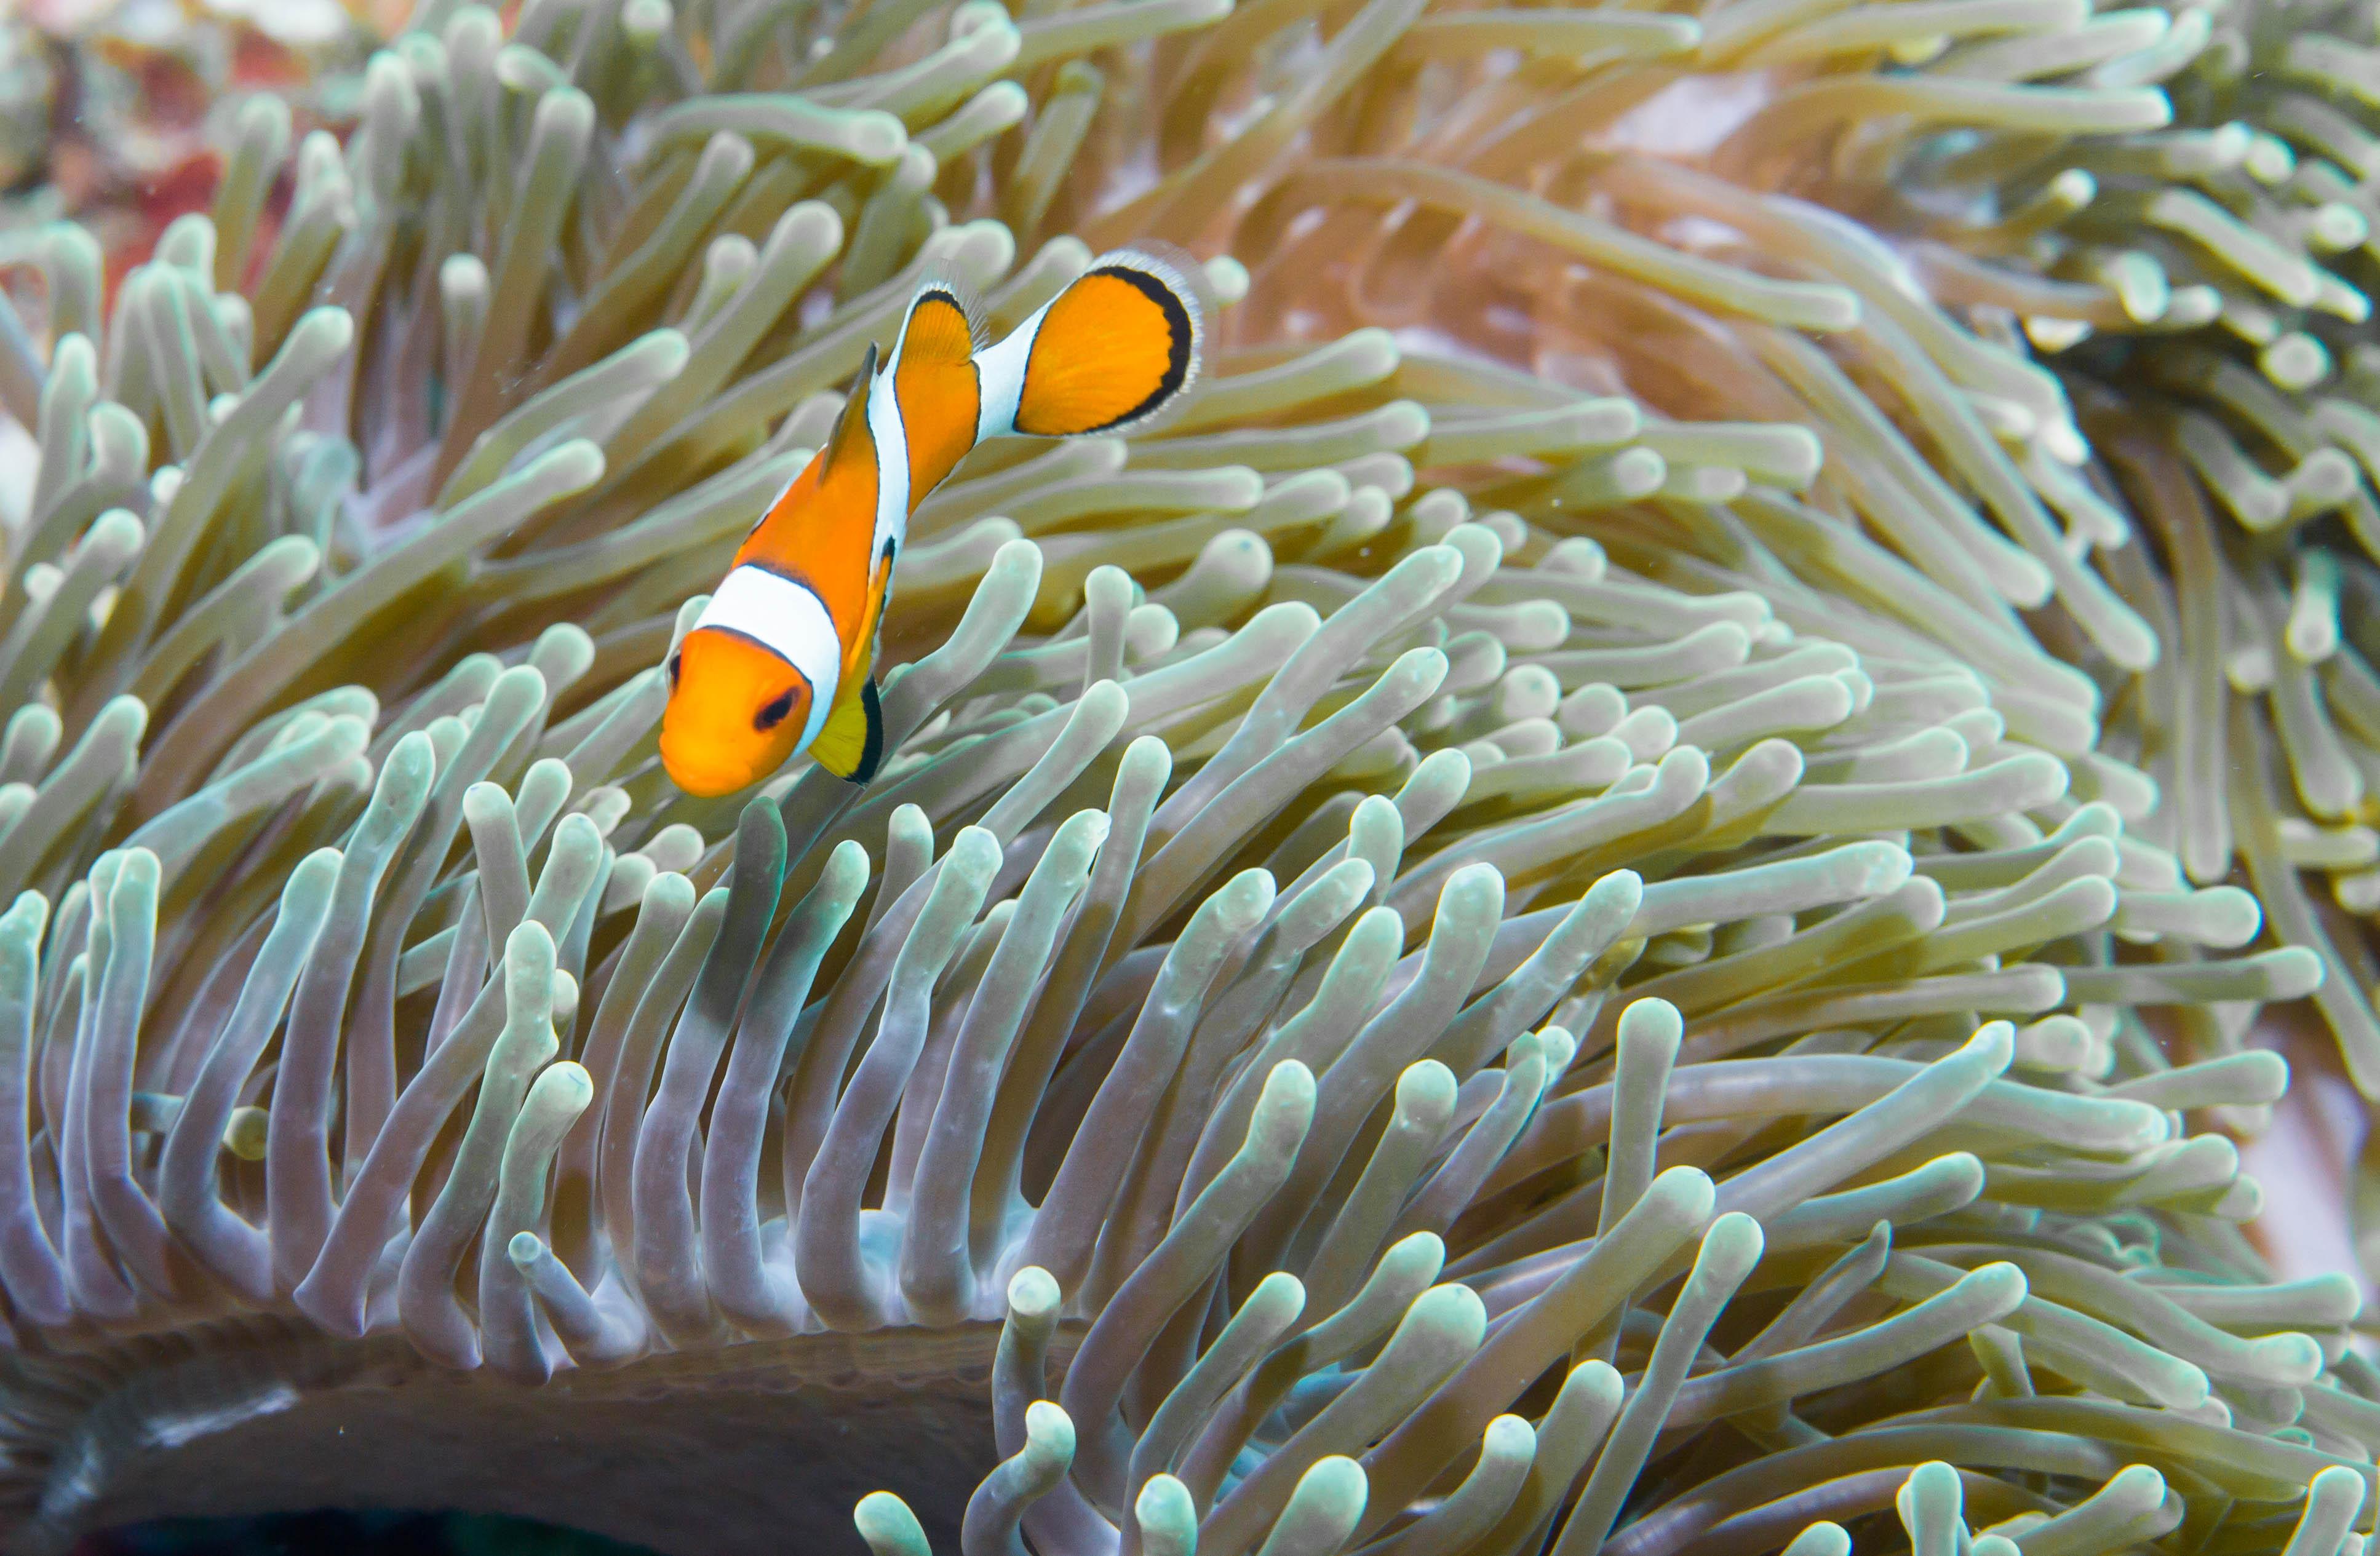 """""""False clown anemone fish"""" är ett av namnet på denna lilla söting. Mer känd som """"Nemo"""". Foto: Patrik Enlund"""